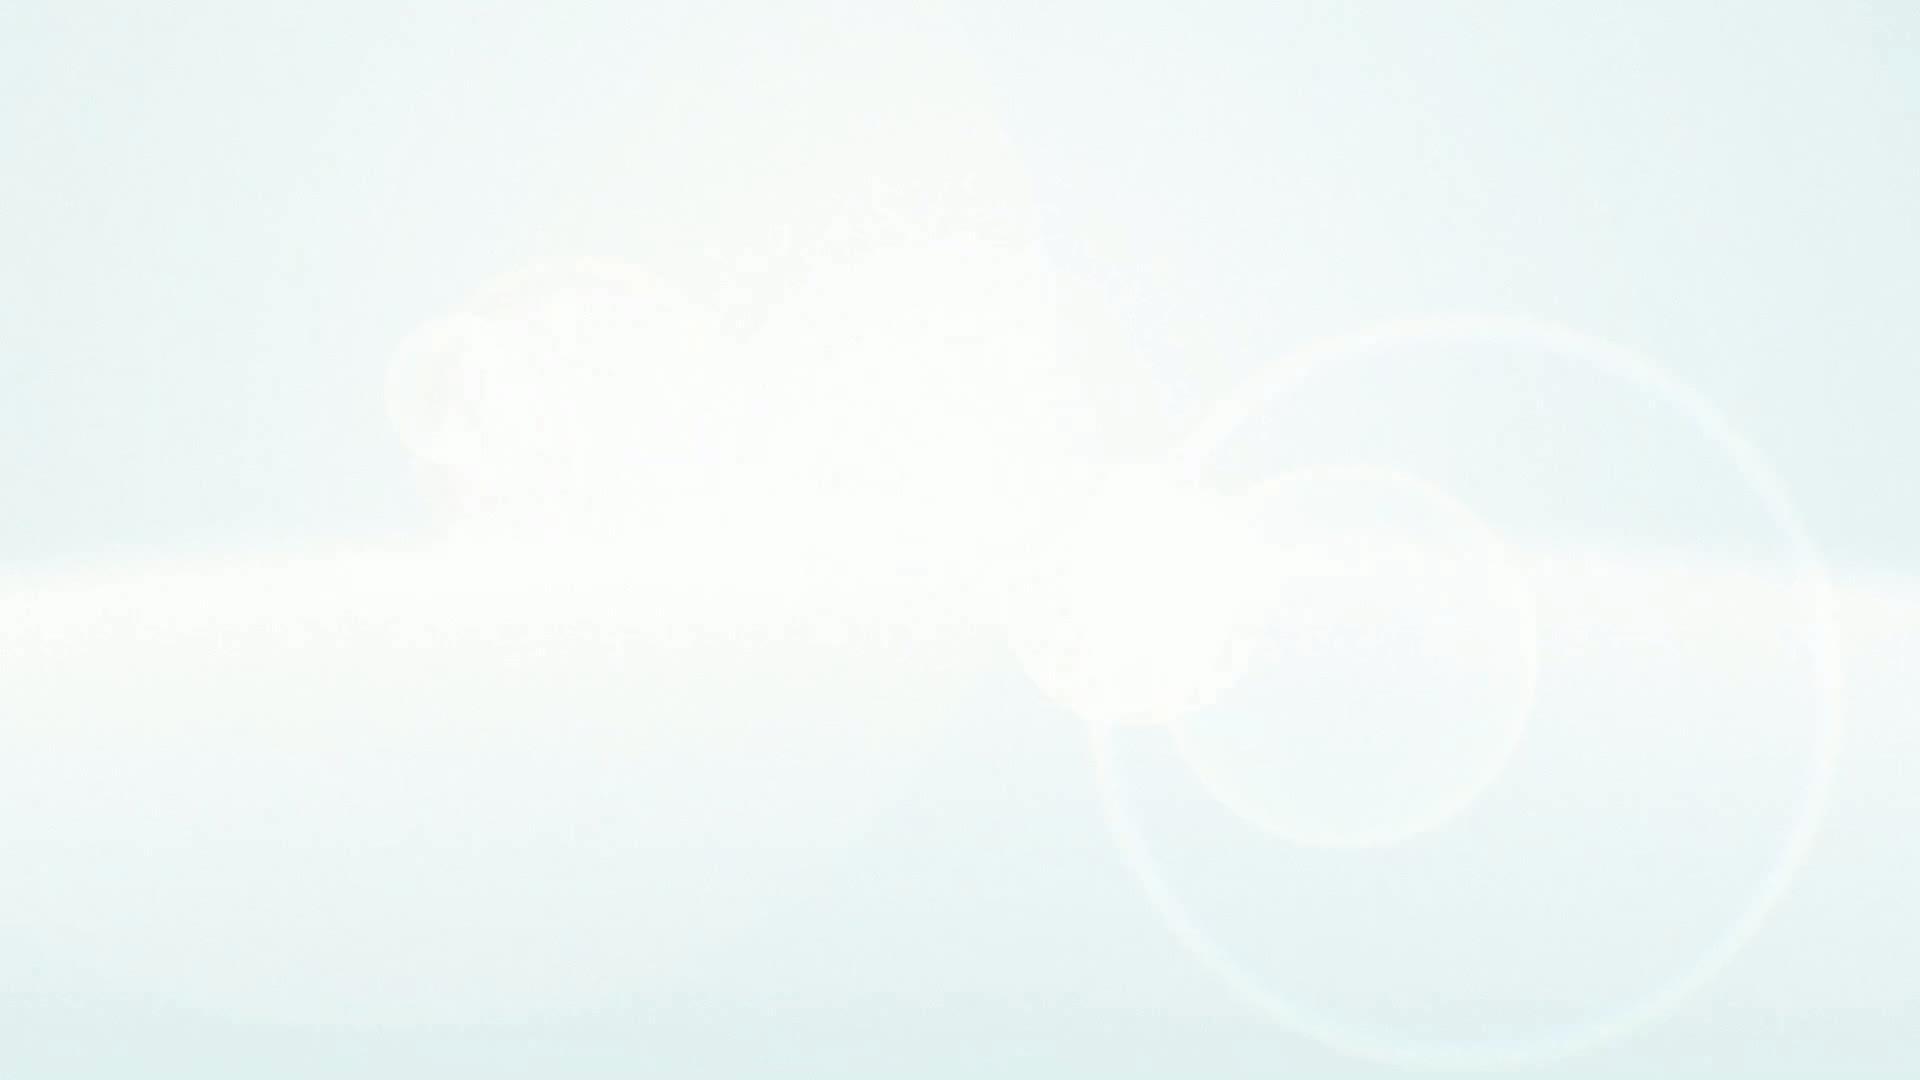 Nuovo Prodotto Personalizzato Riutilizzabile Bottiglia di Vino di Vino di Plastica Sacchetto Del Manicotto Della Protezione con Doppio bolle Sacchetto Inserita